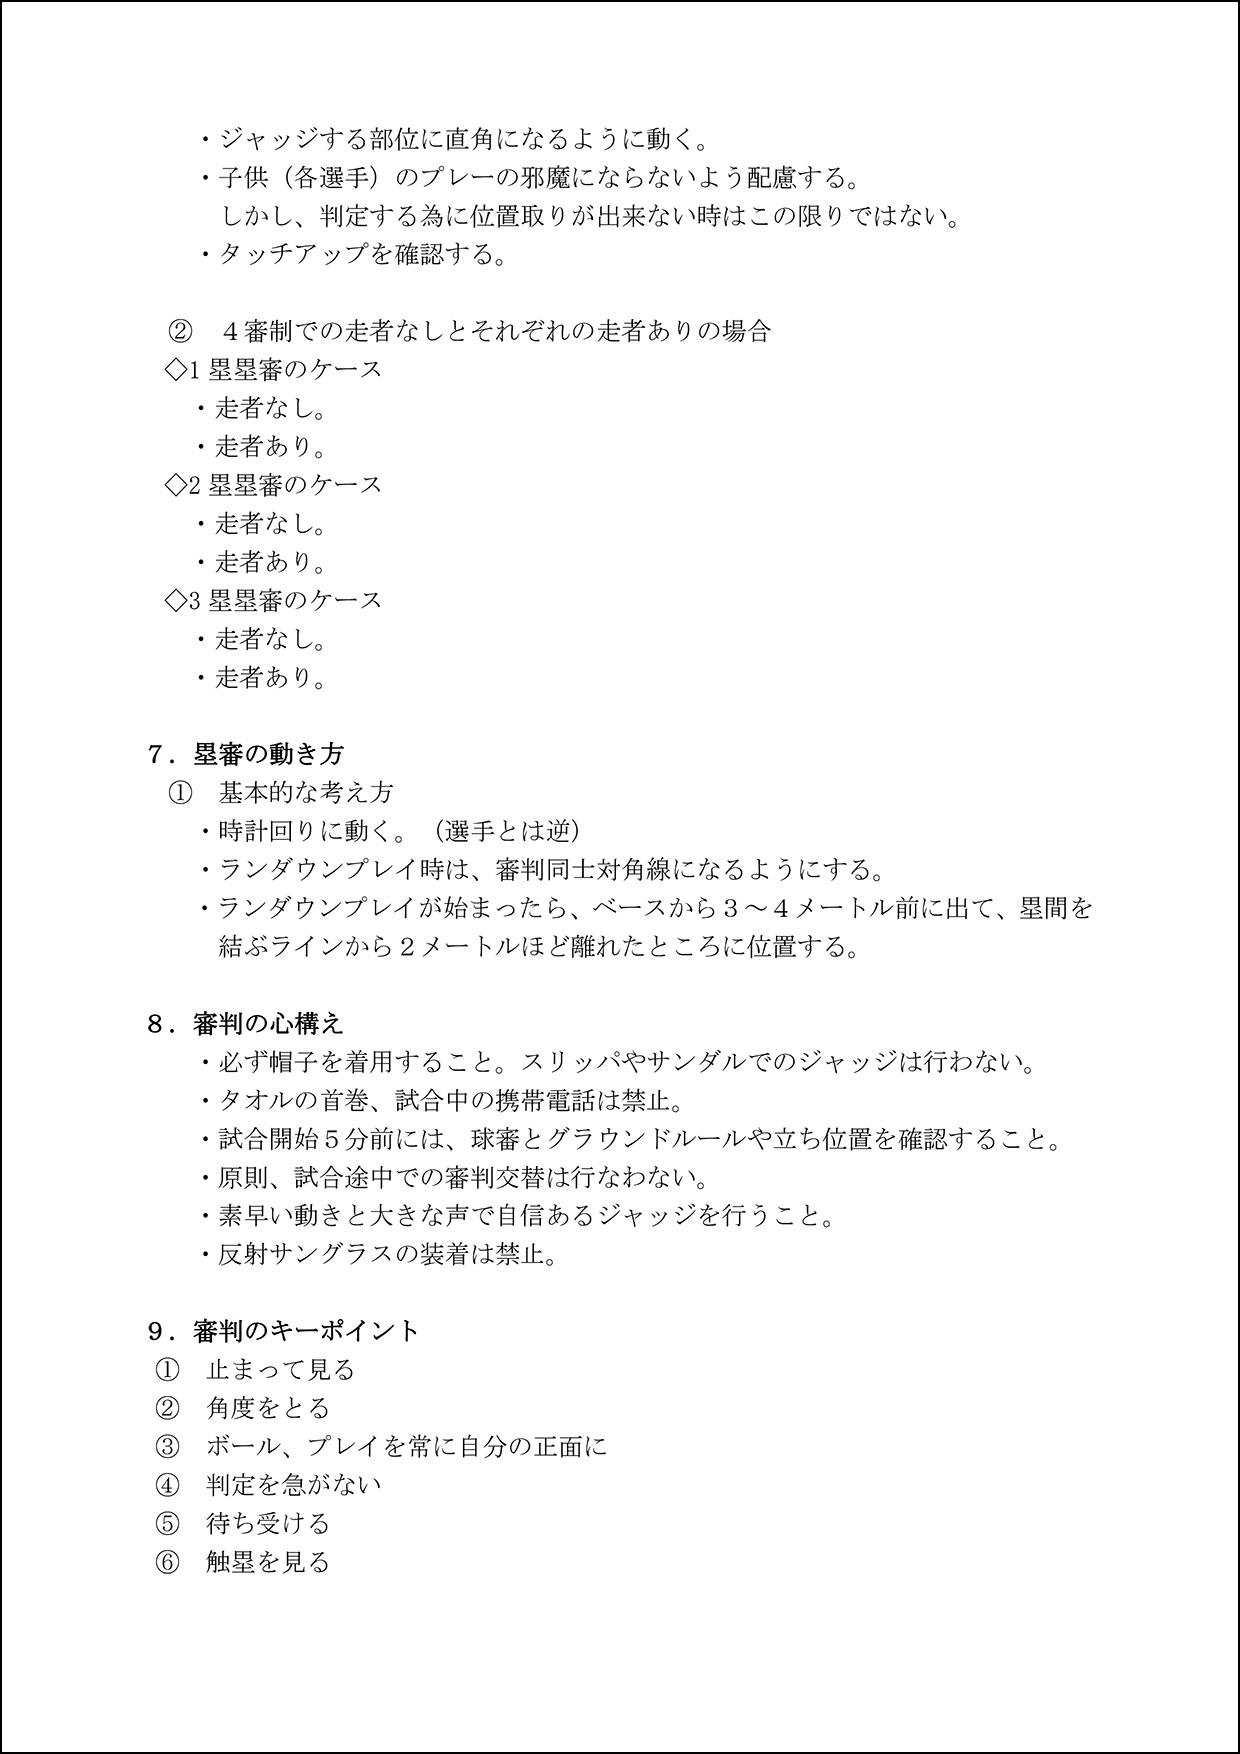 霧島支部審判講習会開催概要-4